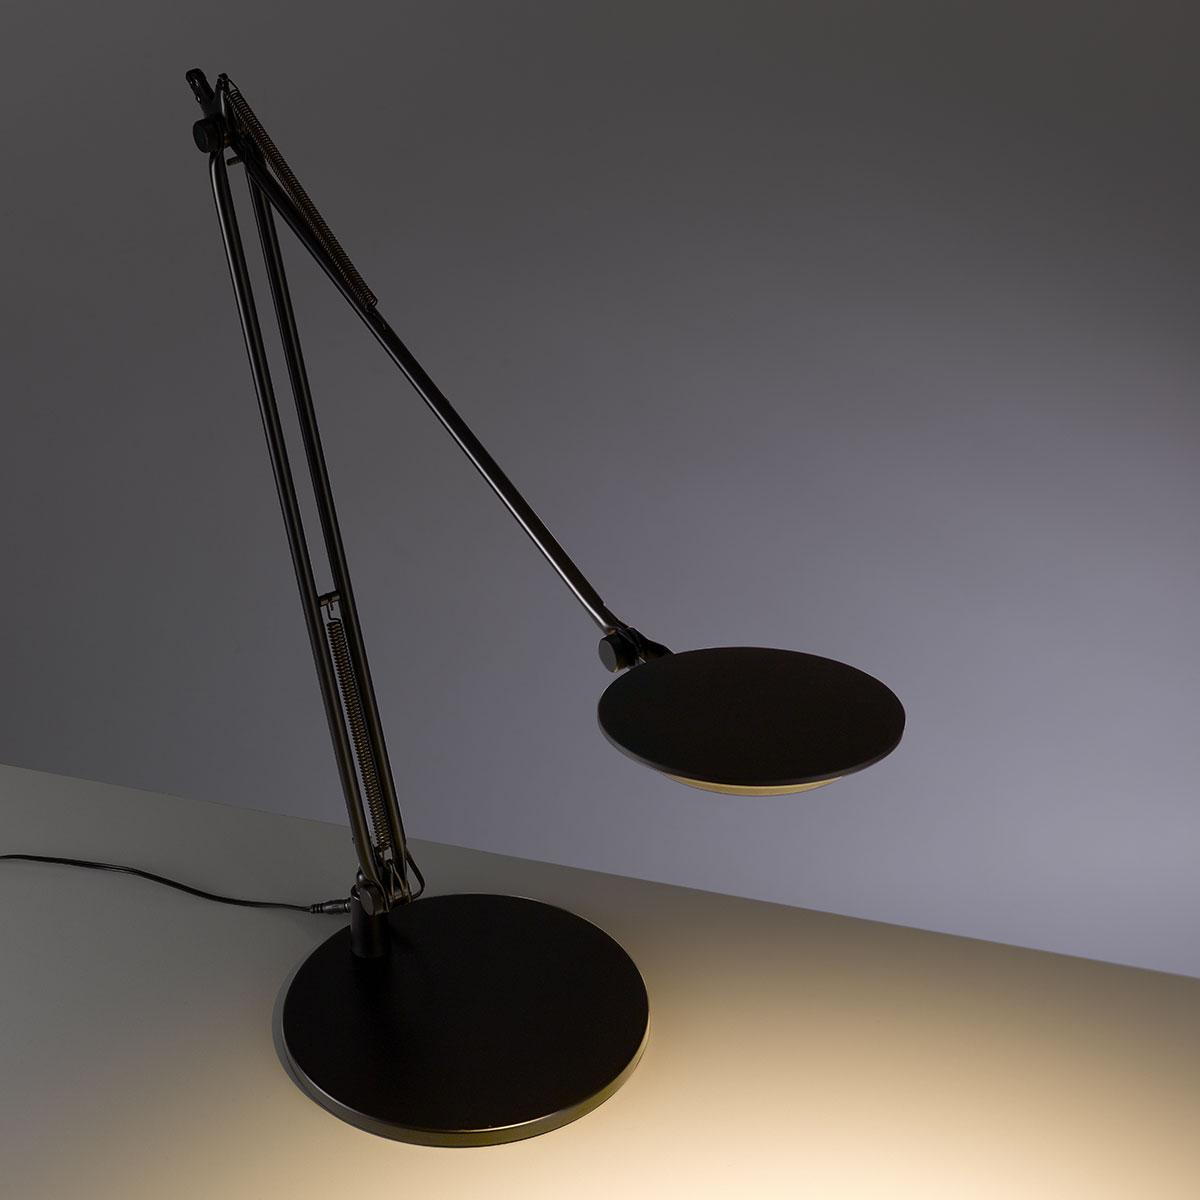 LEDデスクライト Rebio レビオ LED LEDデスクスタンド クランプタイプ